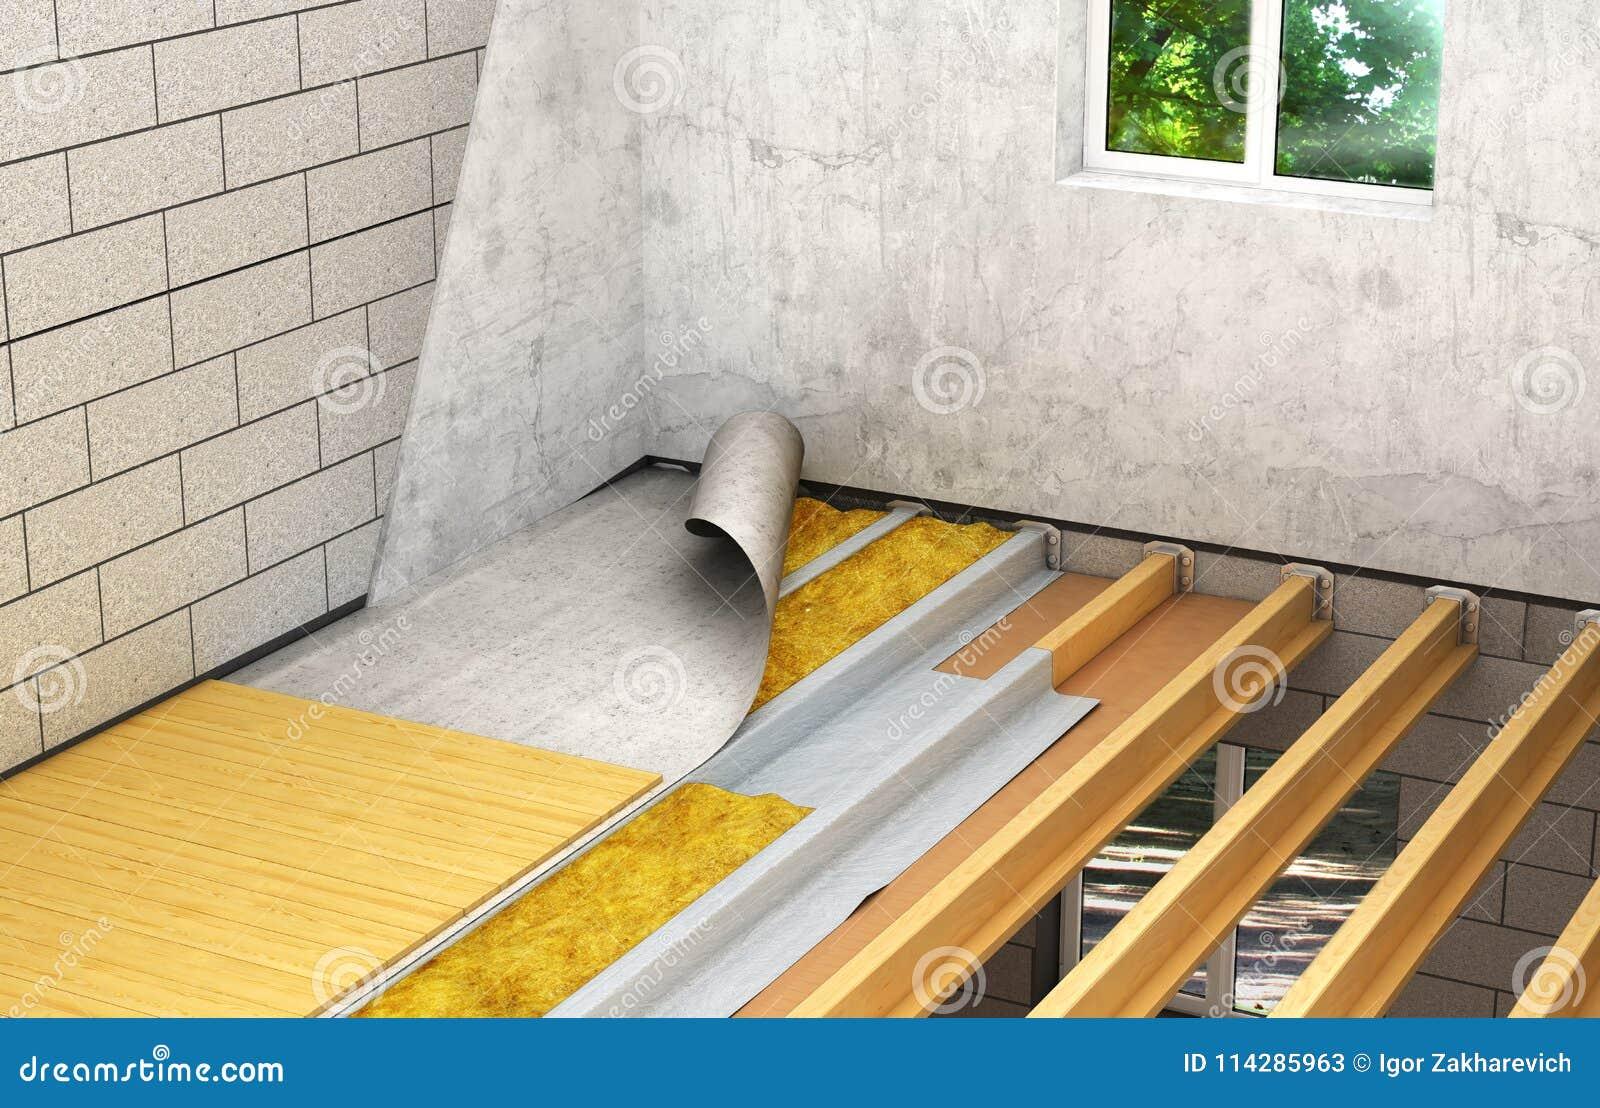 Instalaci n de pisos de madera entre los pisos tecnolog a detallada de la construcci n 3d stock Instalacion piso madera